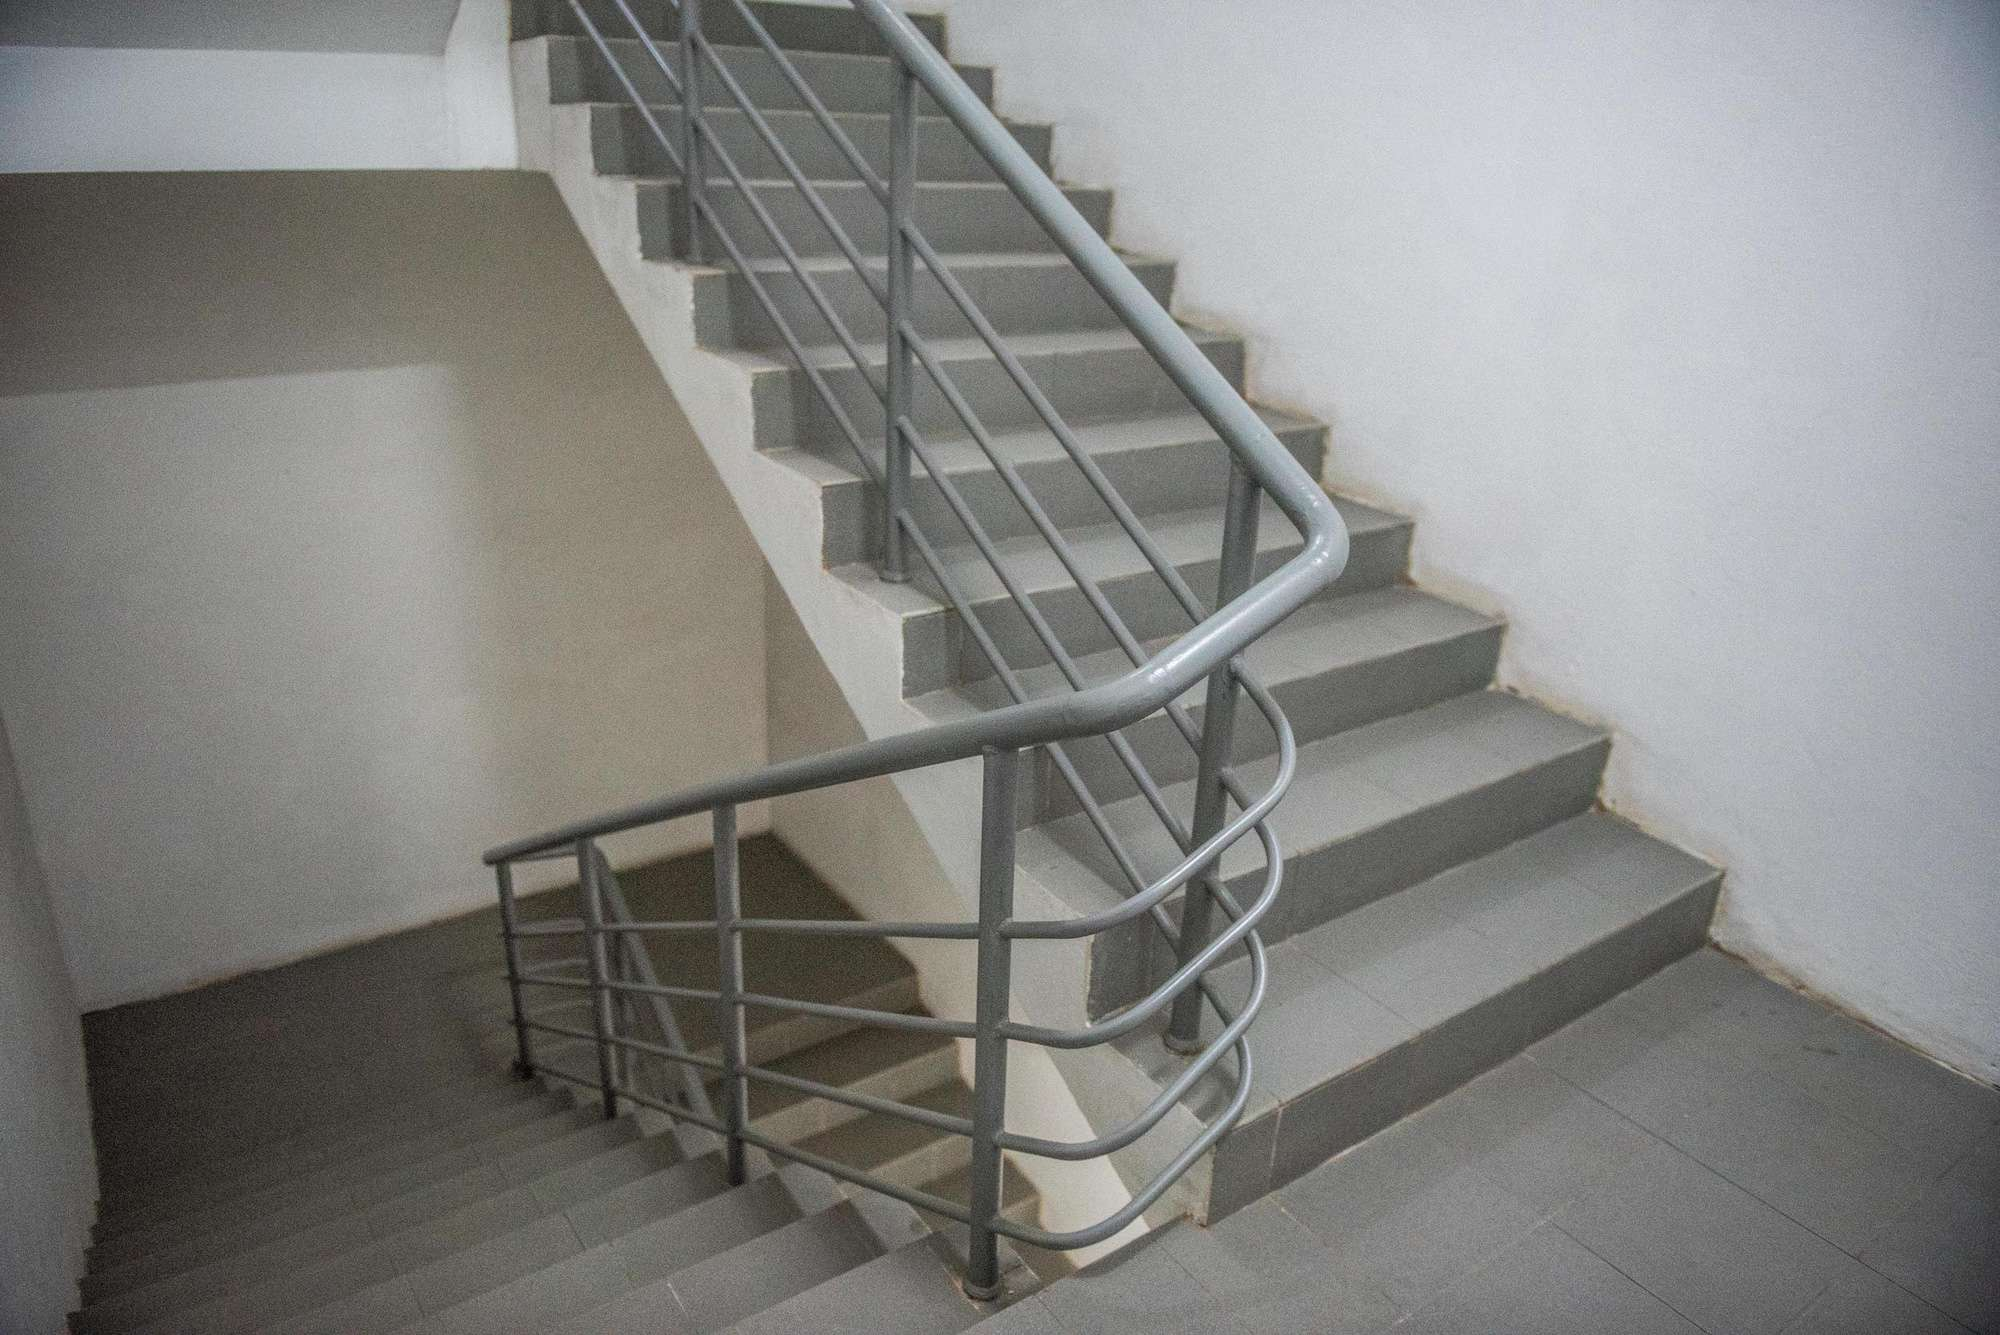 Cầu thang sắt thoát hiểm cầu thang bộ